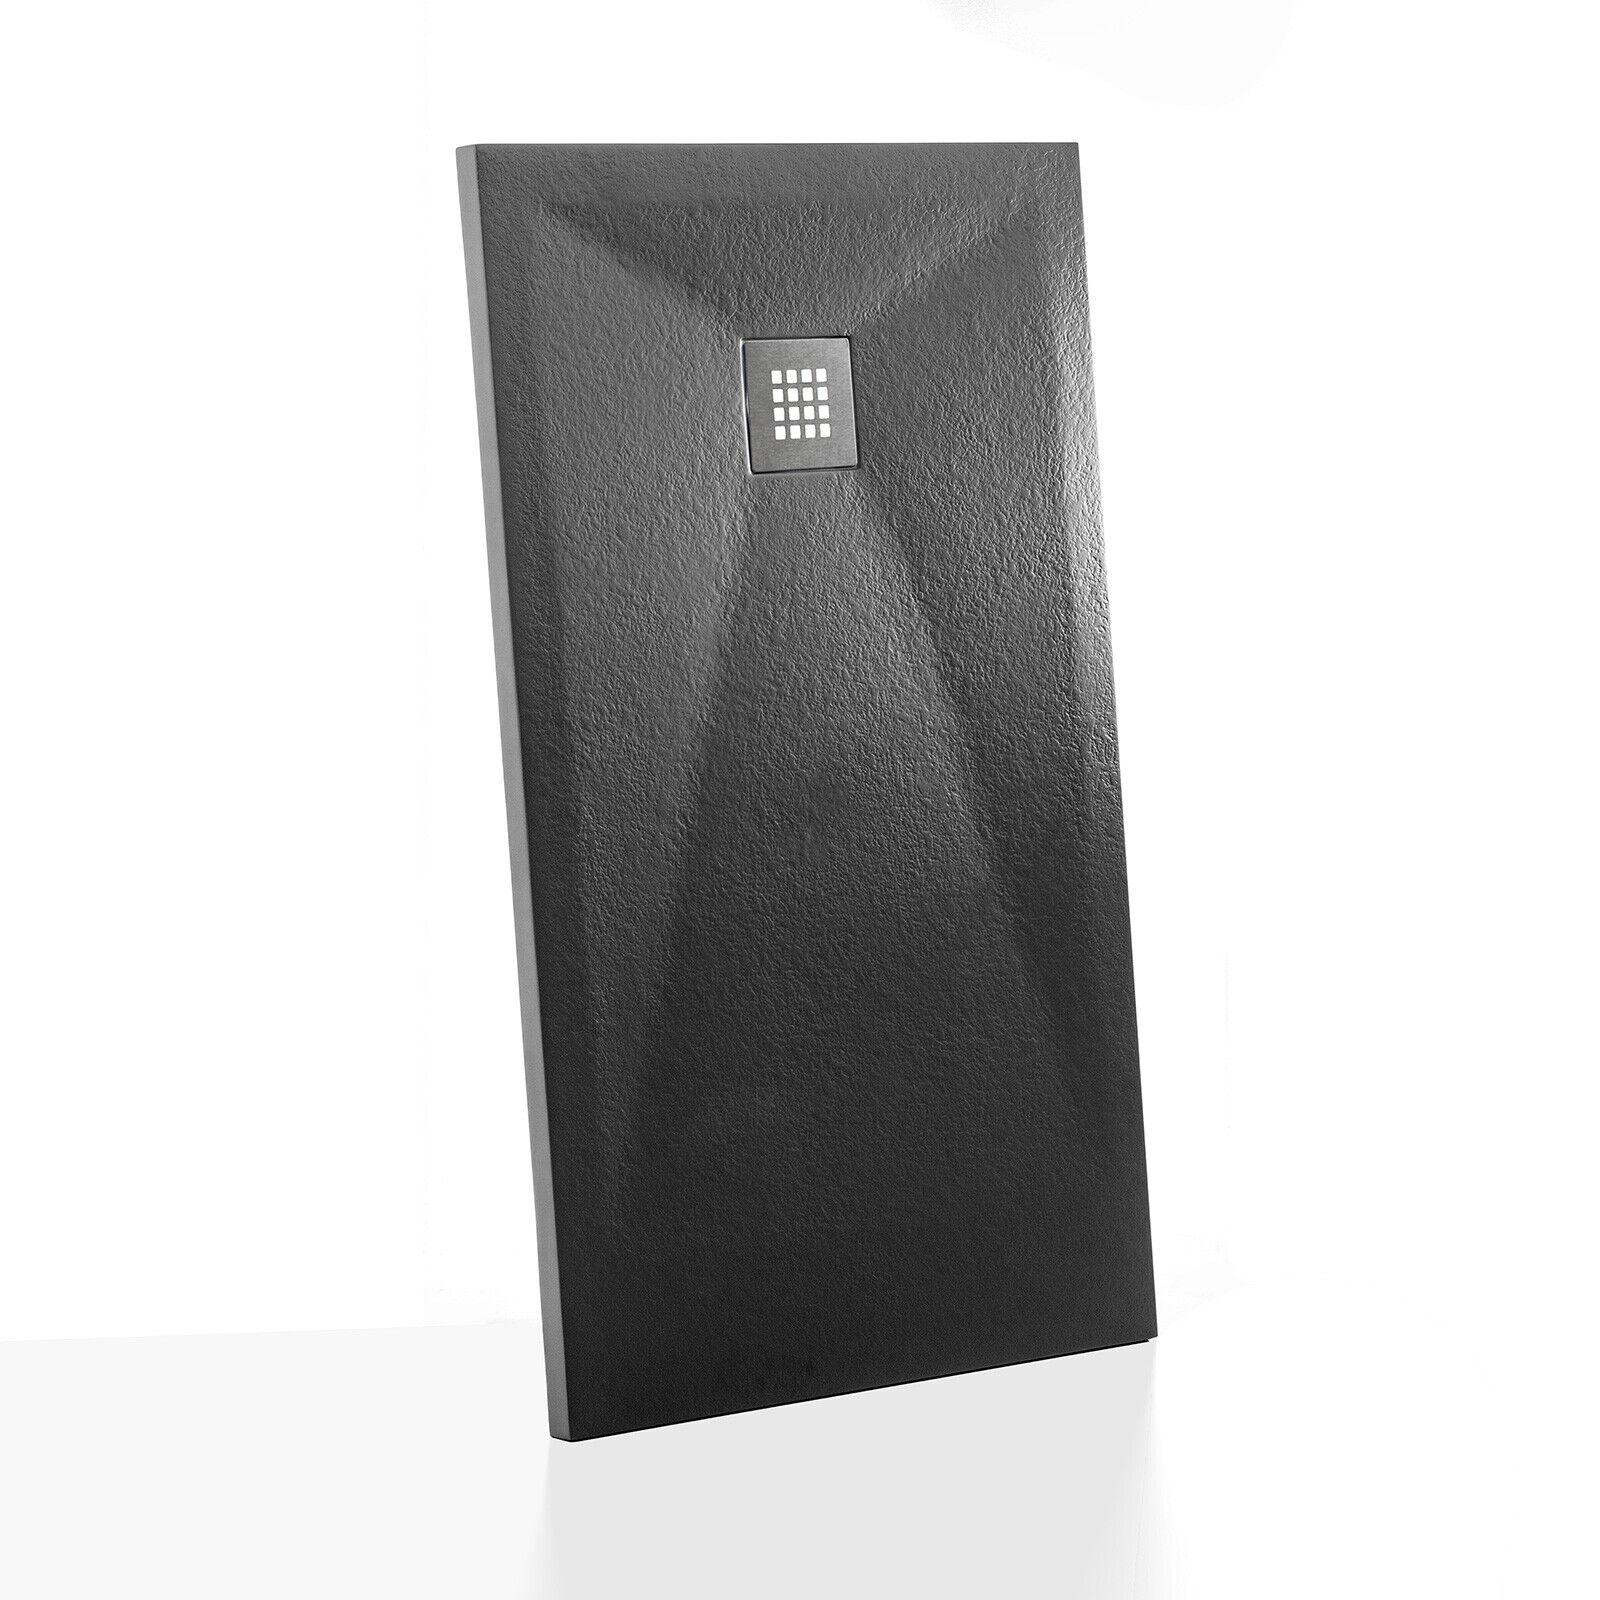 Piatto doccia 120x90 antracite effetto pietra ardesia su misura riducibile nuovo